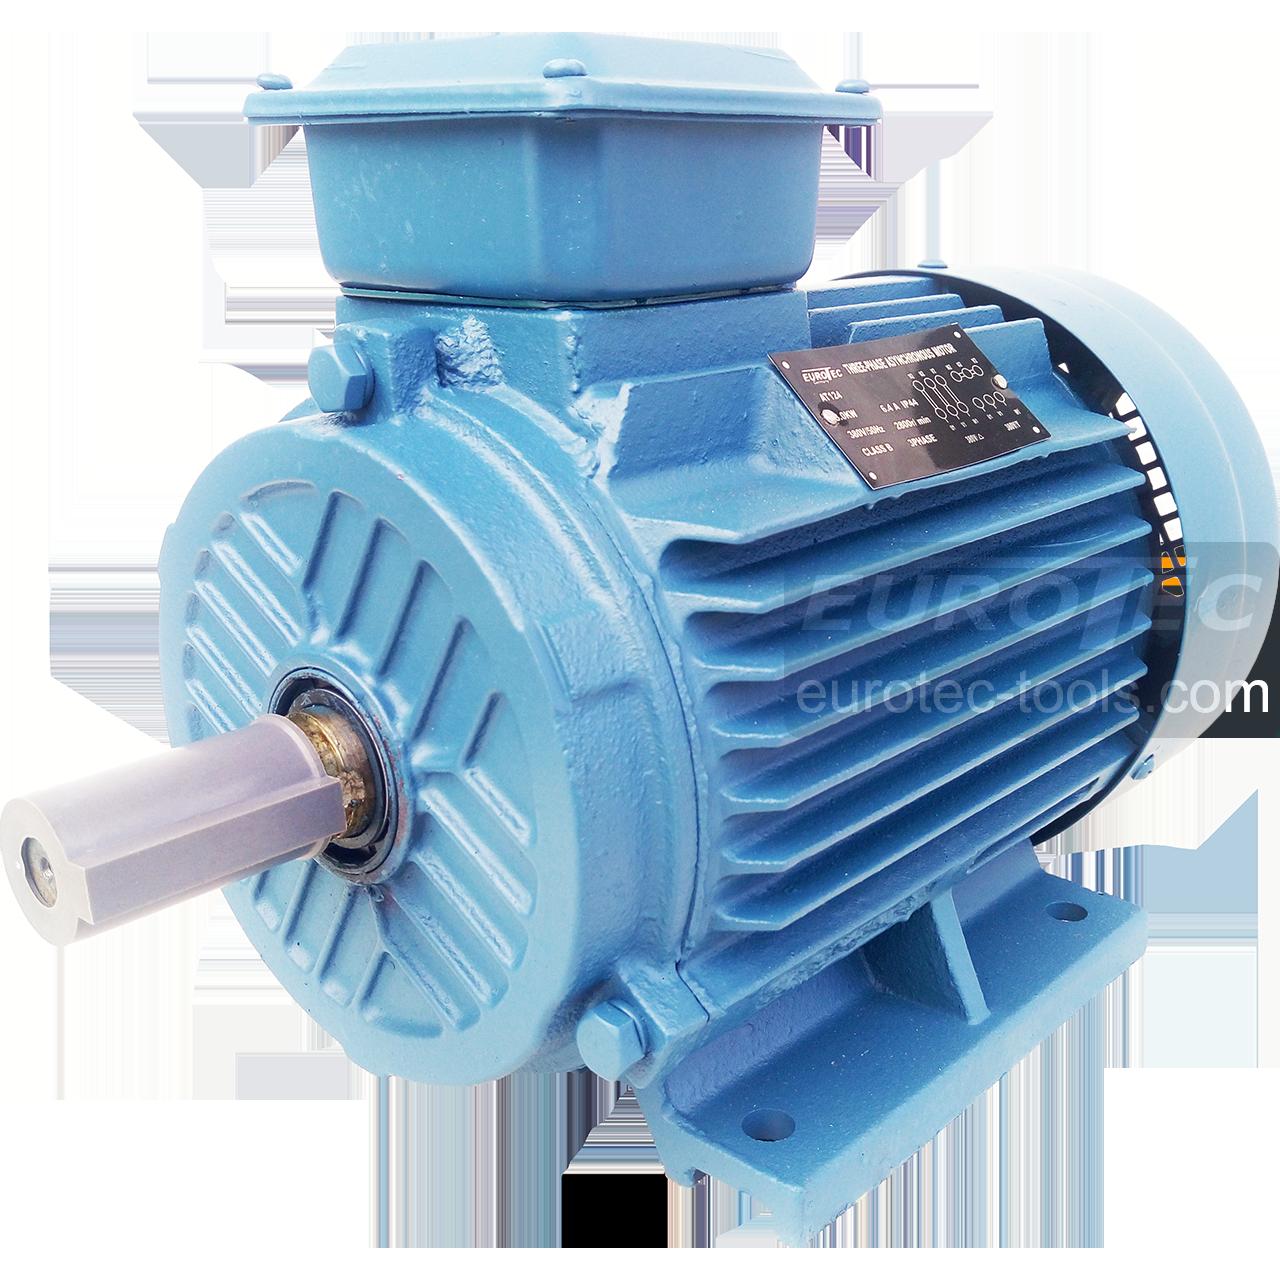 Асинхронный электродвигатель 2800 об. 3 кВт 380 В Eurotec AT 124 трехфазный двигатель переменного тока 3000 об